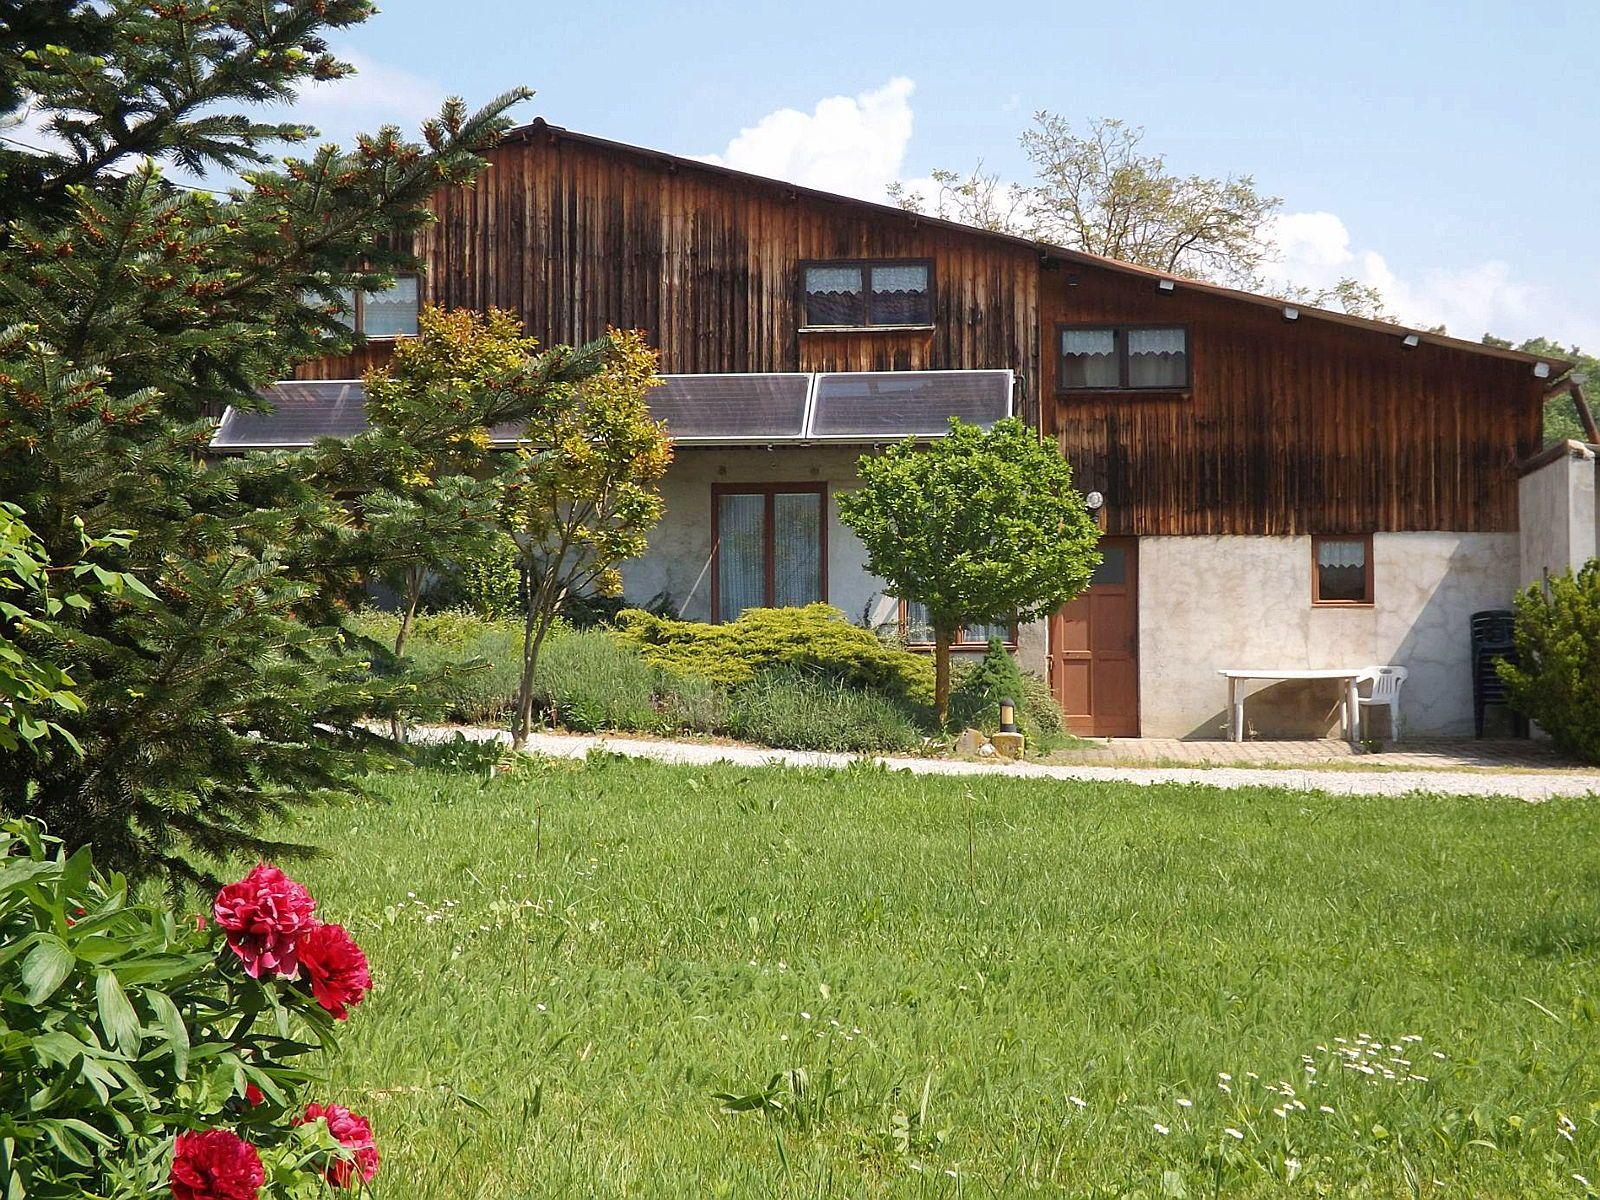 Loue grande maison 8chambres, 20couchages, Saint-Paul-lès-Romans (26)